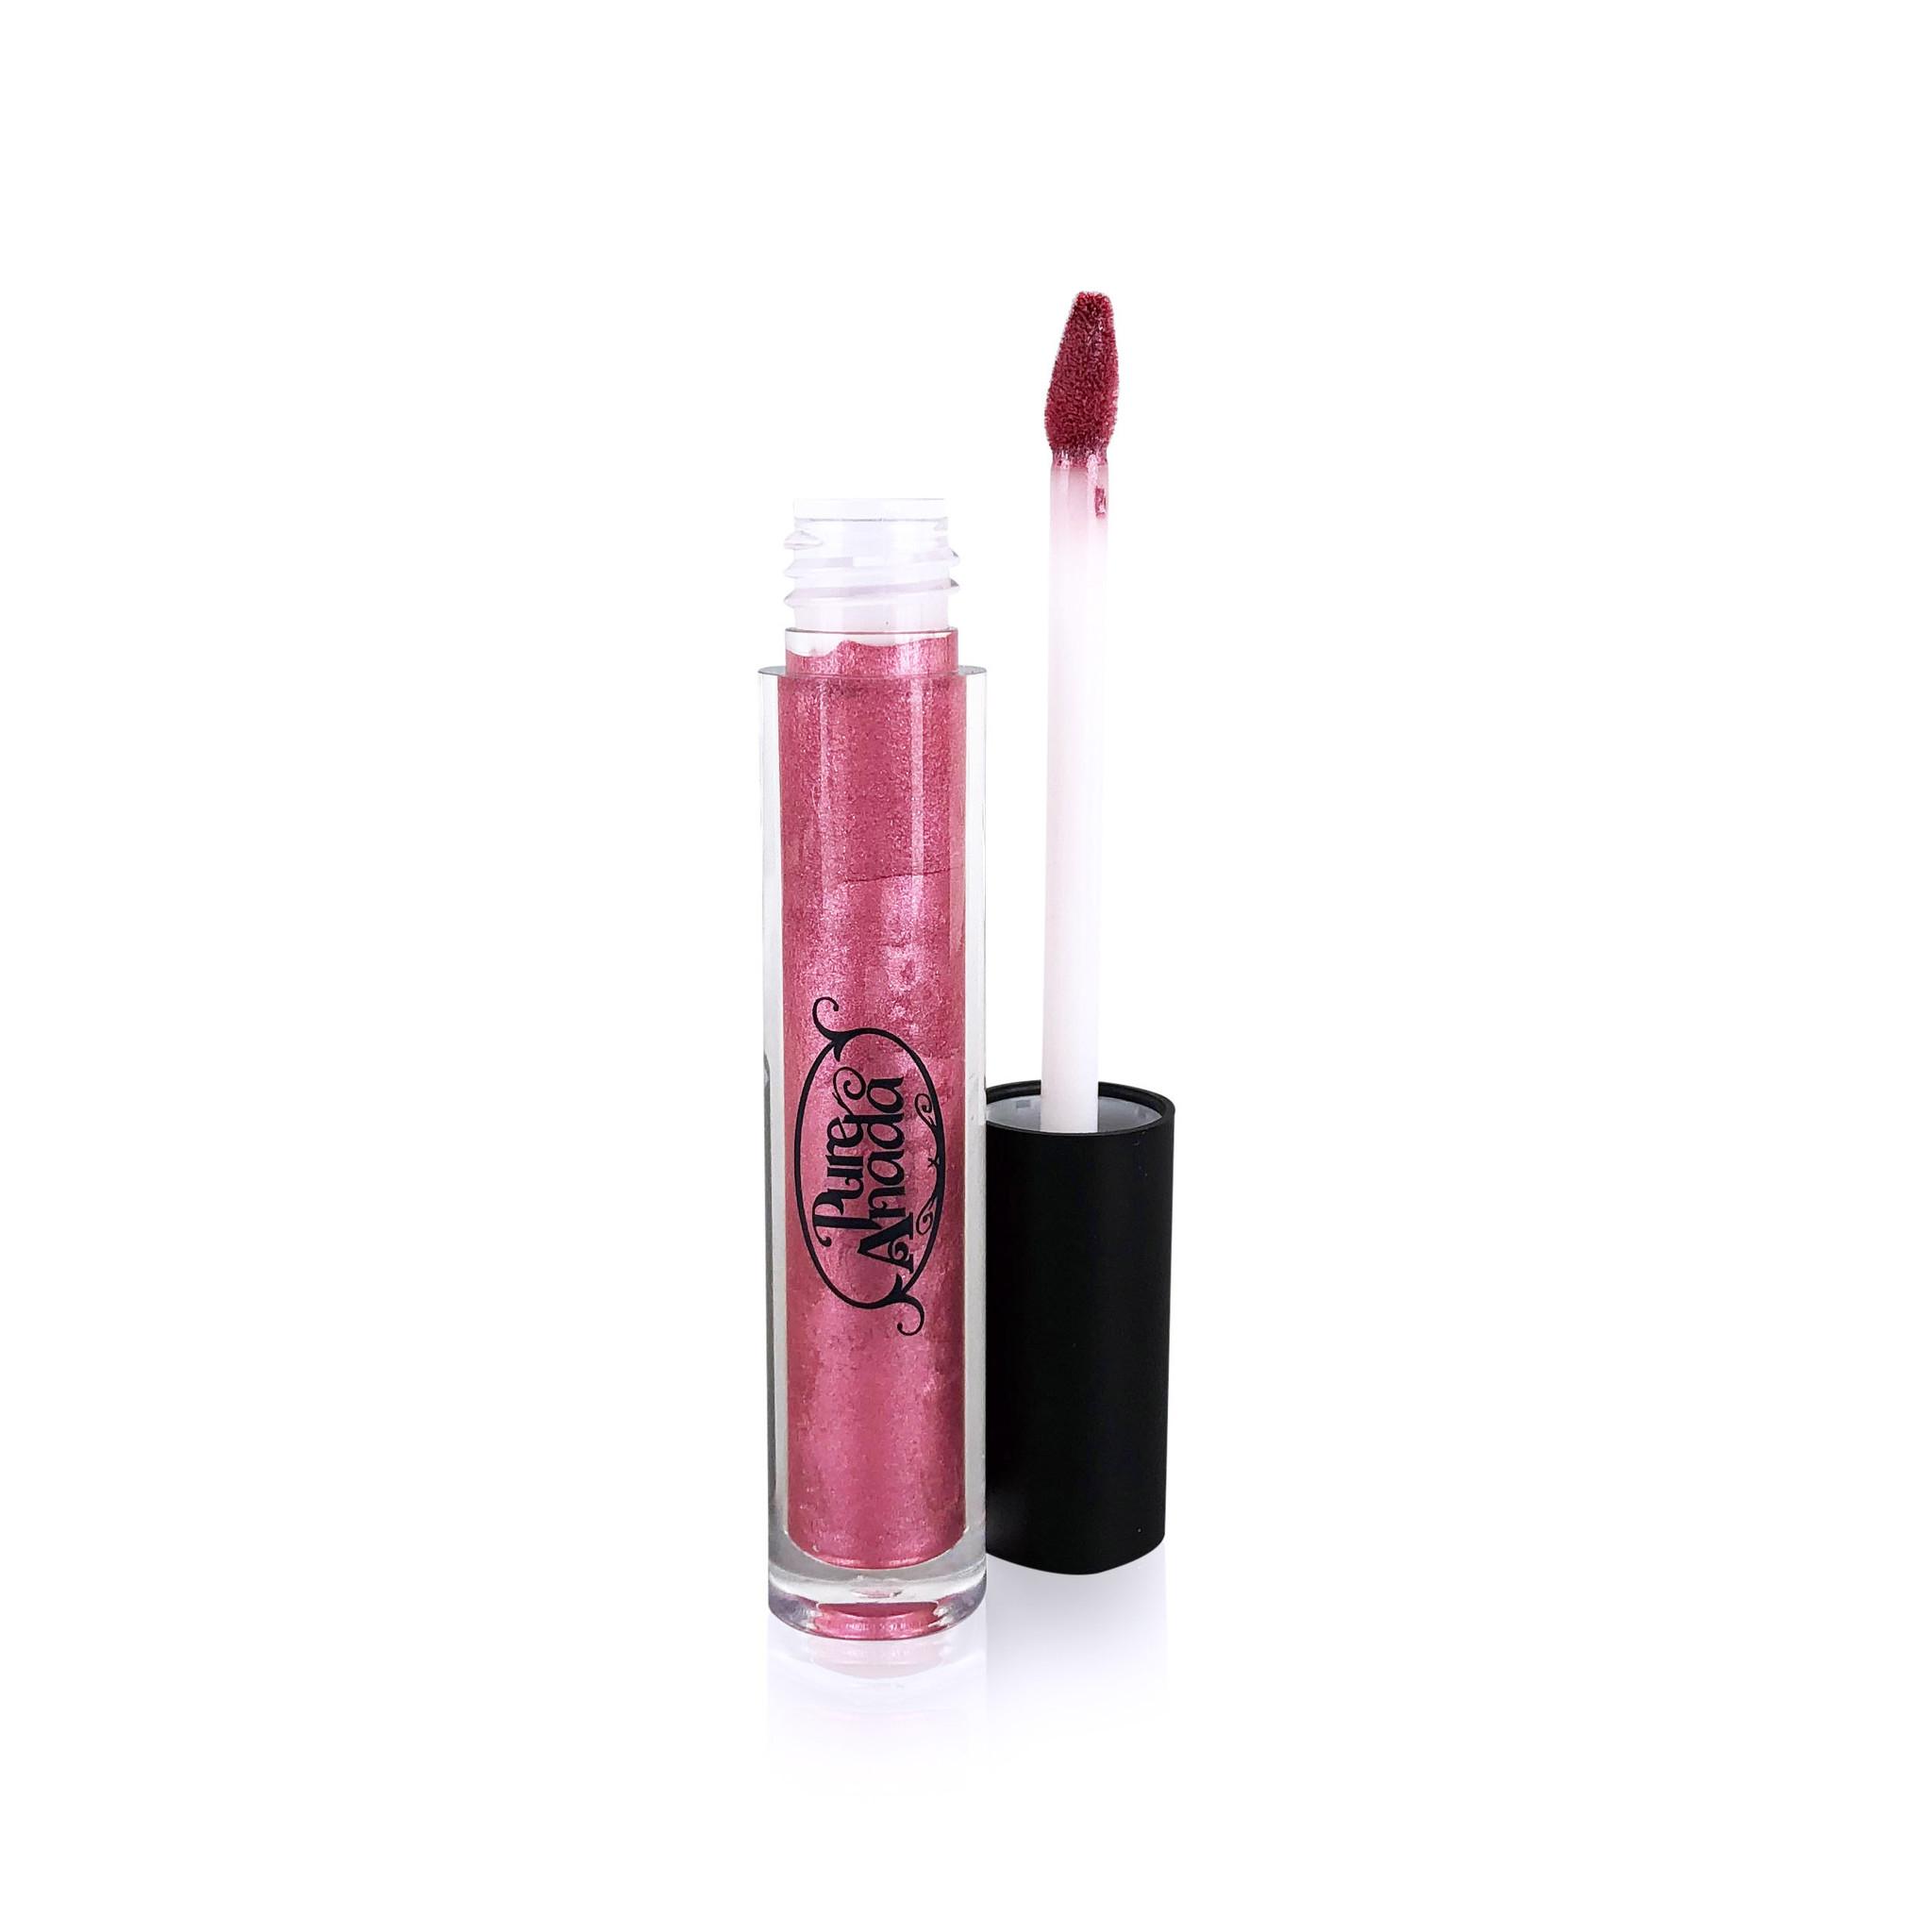 Glisten Mineral Lip Gloss - Pink Quartz-2